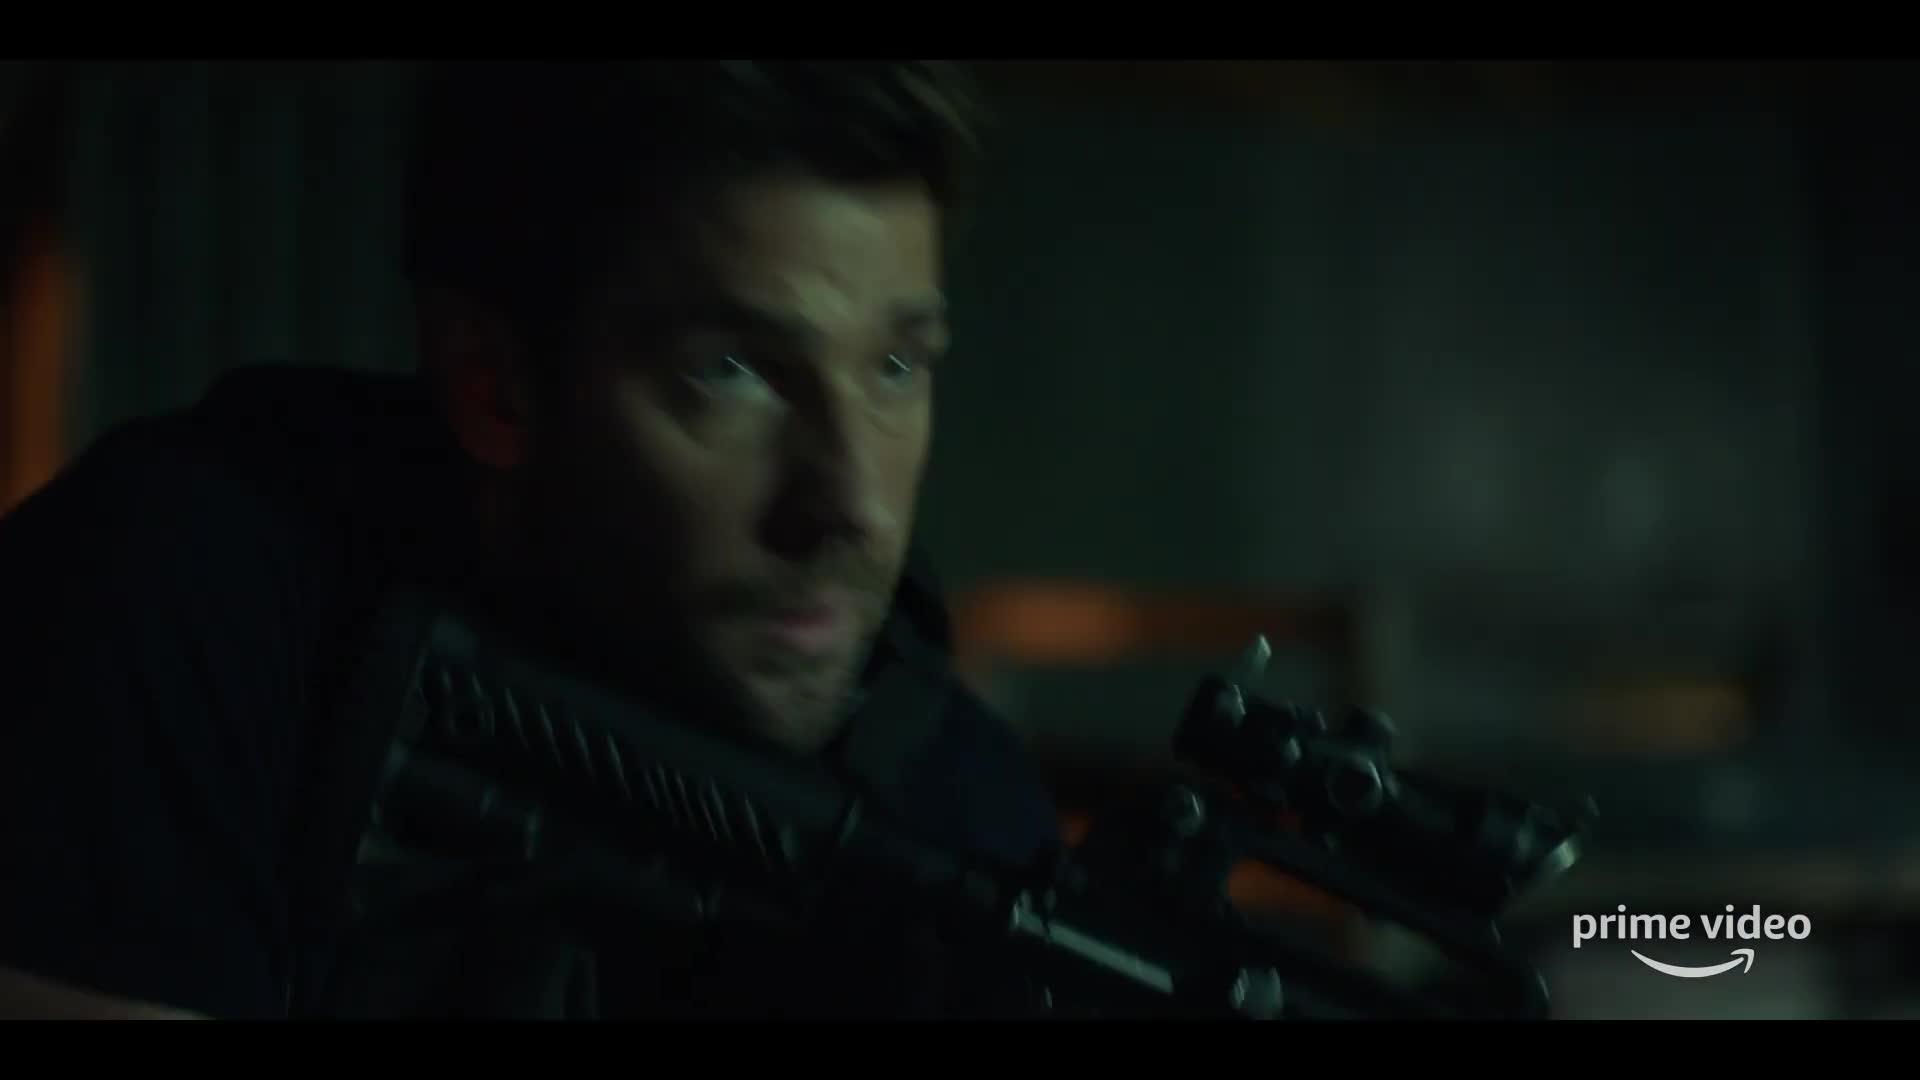 Trailer, Amazon, Serie, Amazon Prime, Amazon Prime Video, Tom Clancy, Prime Video, Jack Ryan, Tom Clancy's Jack Ryan